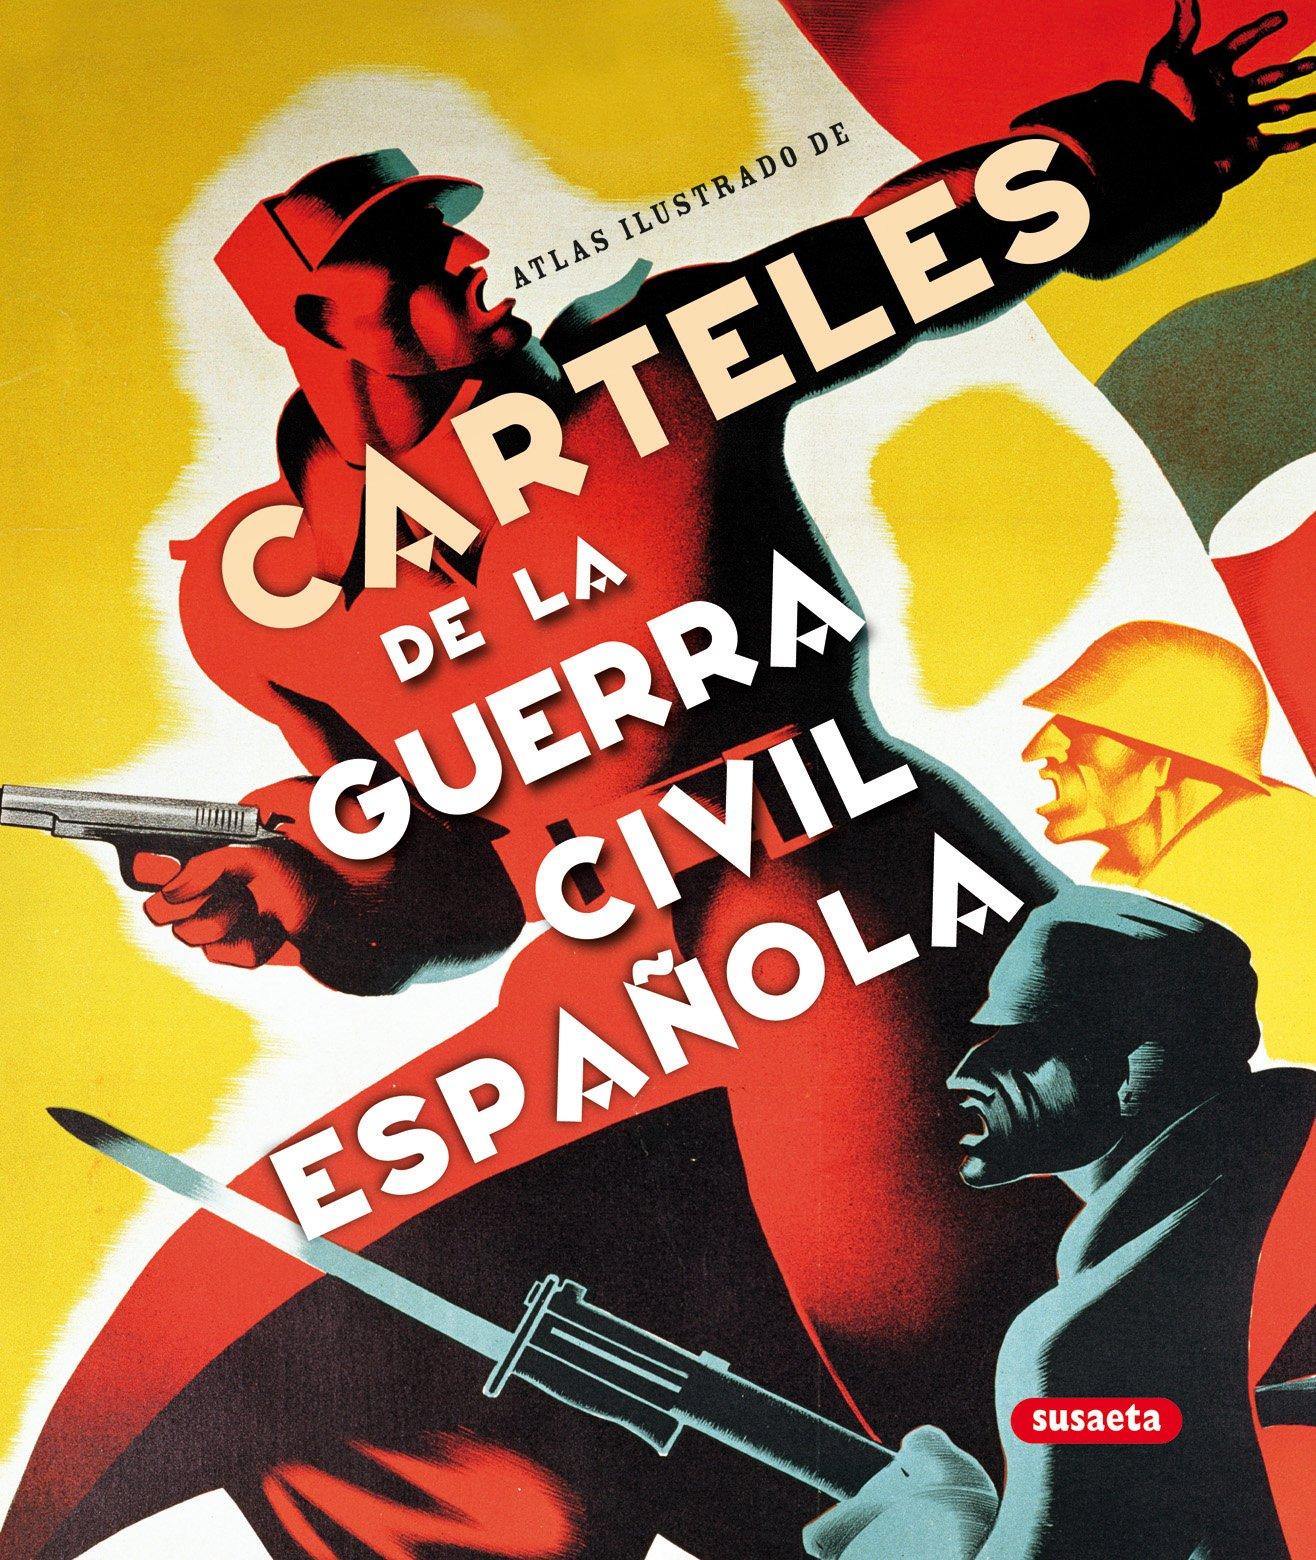 Carteles De La Guerra Civil Española Atlas Ilustrado: Amazon.es: De Andrés Sanz, Jesús, Susaeta, Equipo: Libros